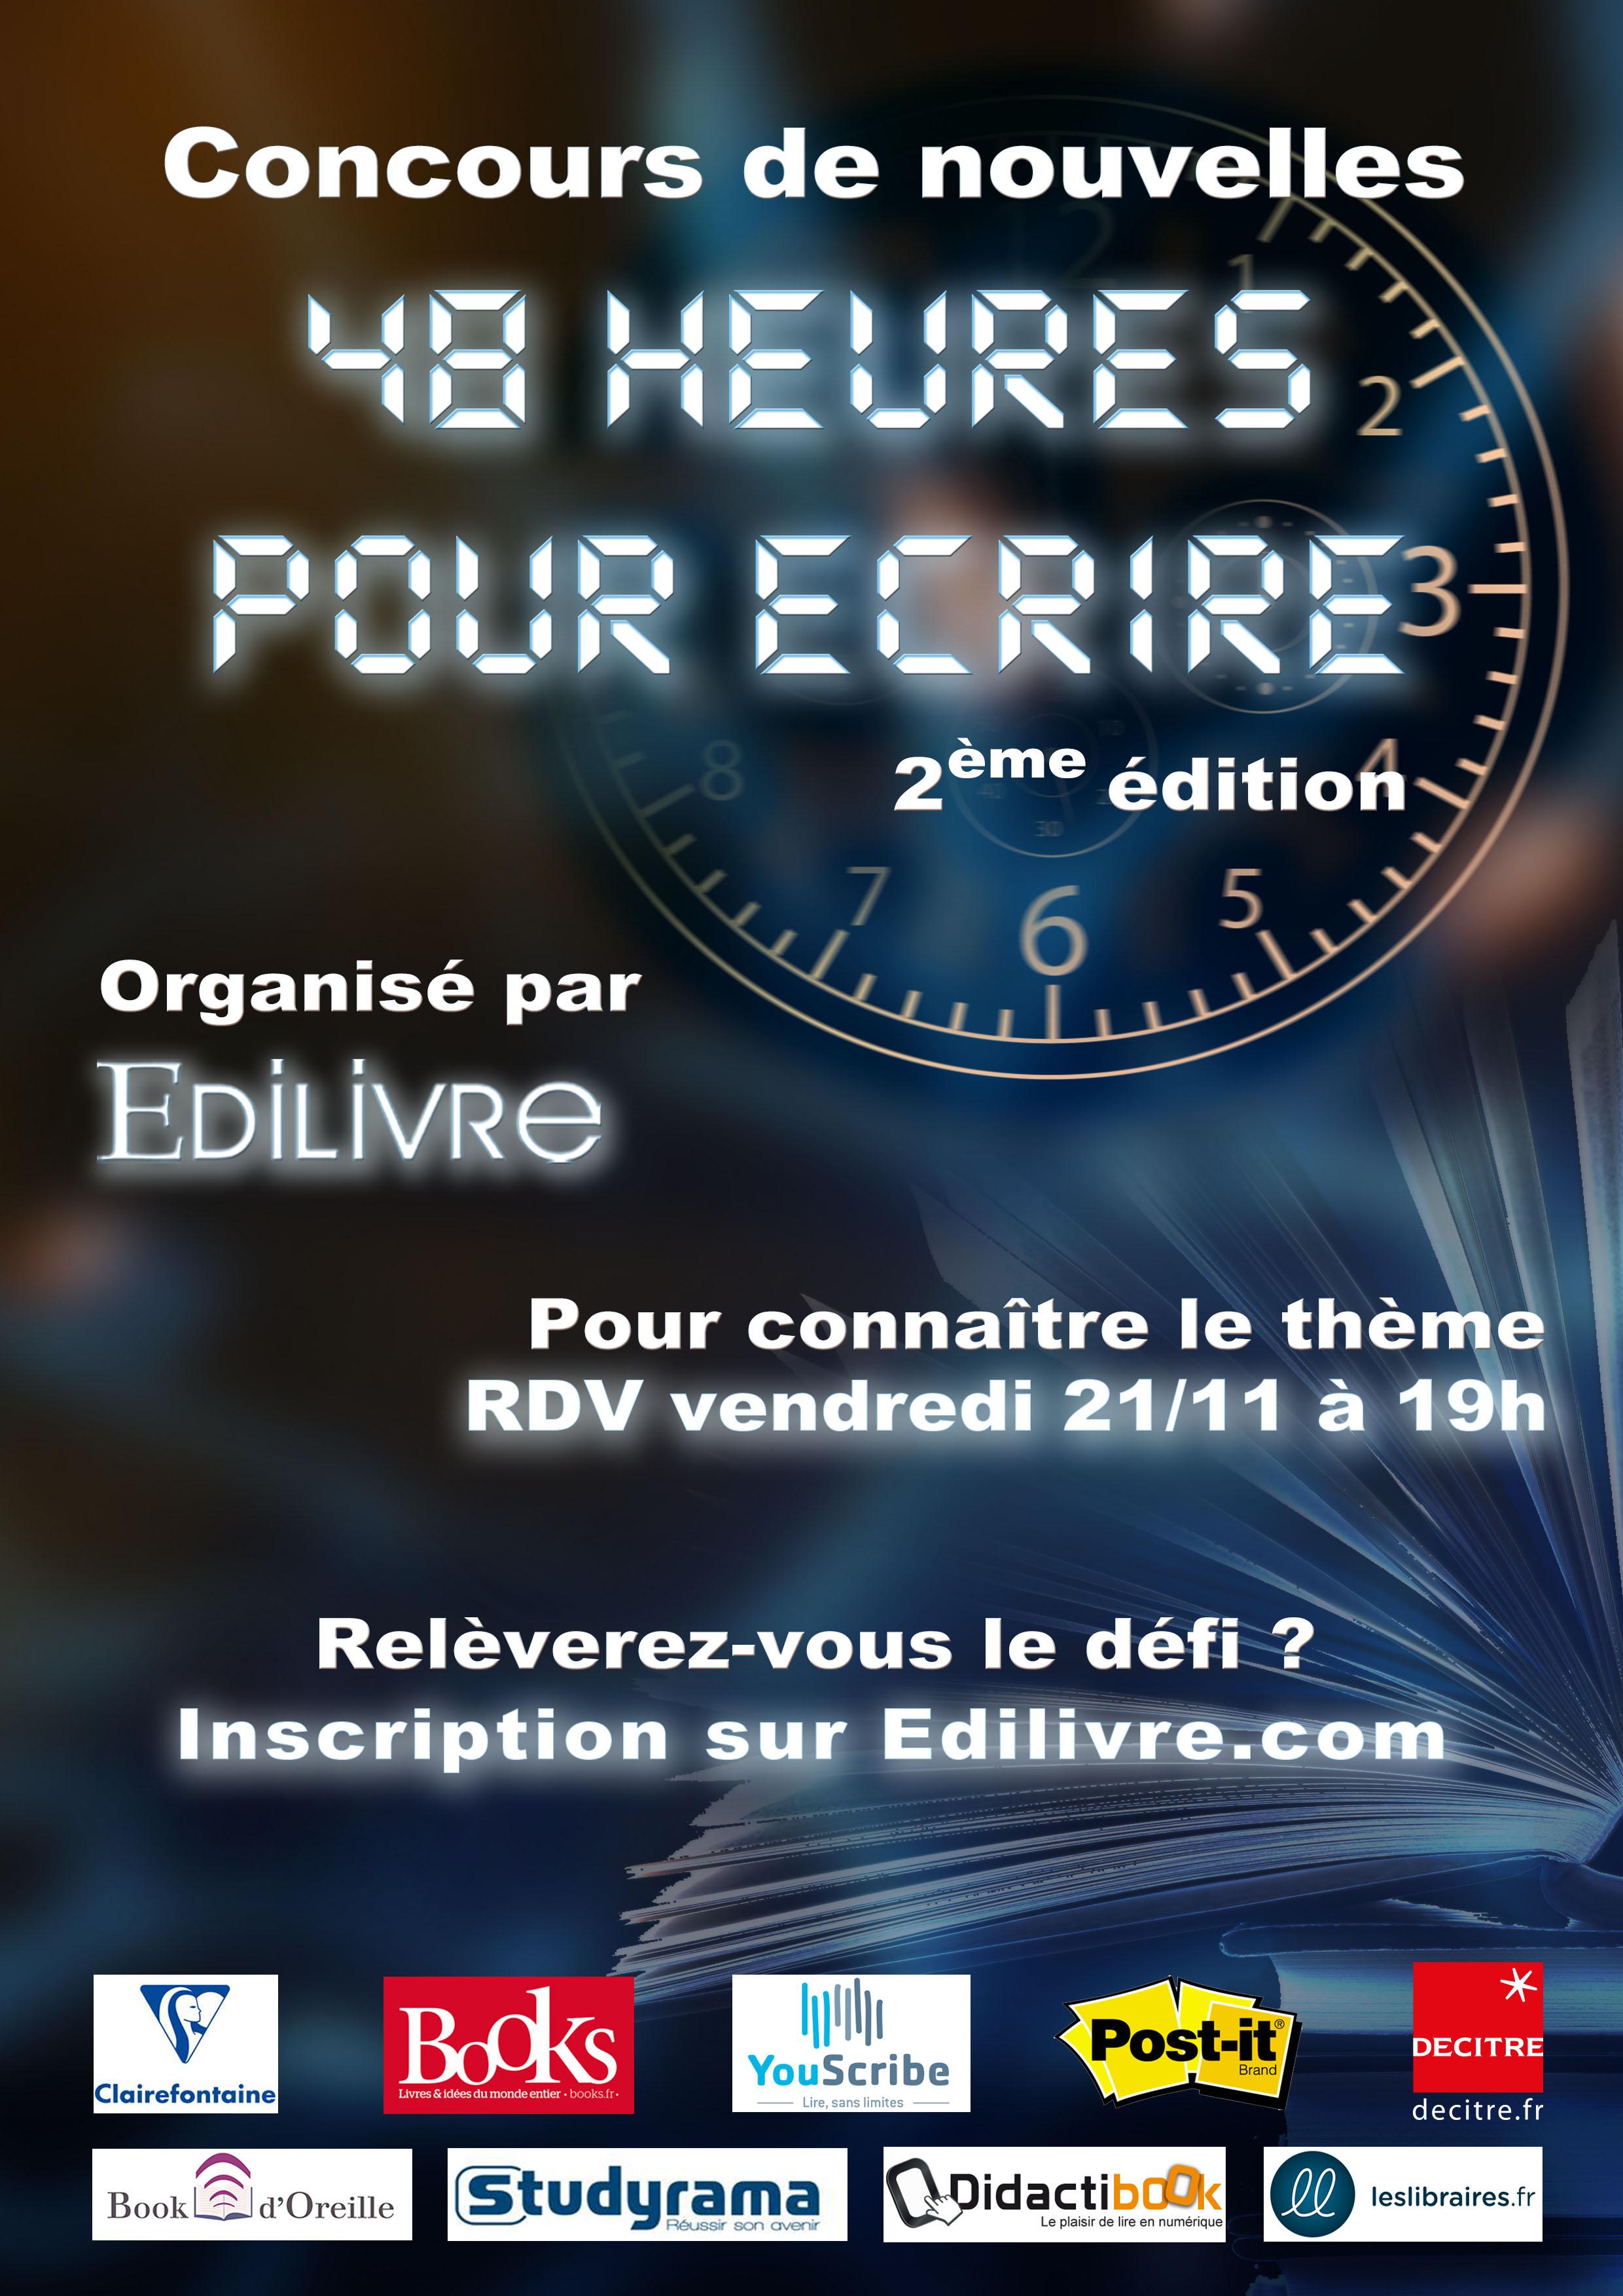 Les éditions Edilivre organisent le 2ème concours d'écriture limité dans le temps : « 48 heures pour écrire ».  Affiche-48-heures-pour-%C3%A9crire-2%C3%A8me-%C3%A9dition